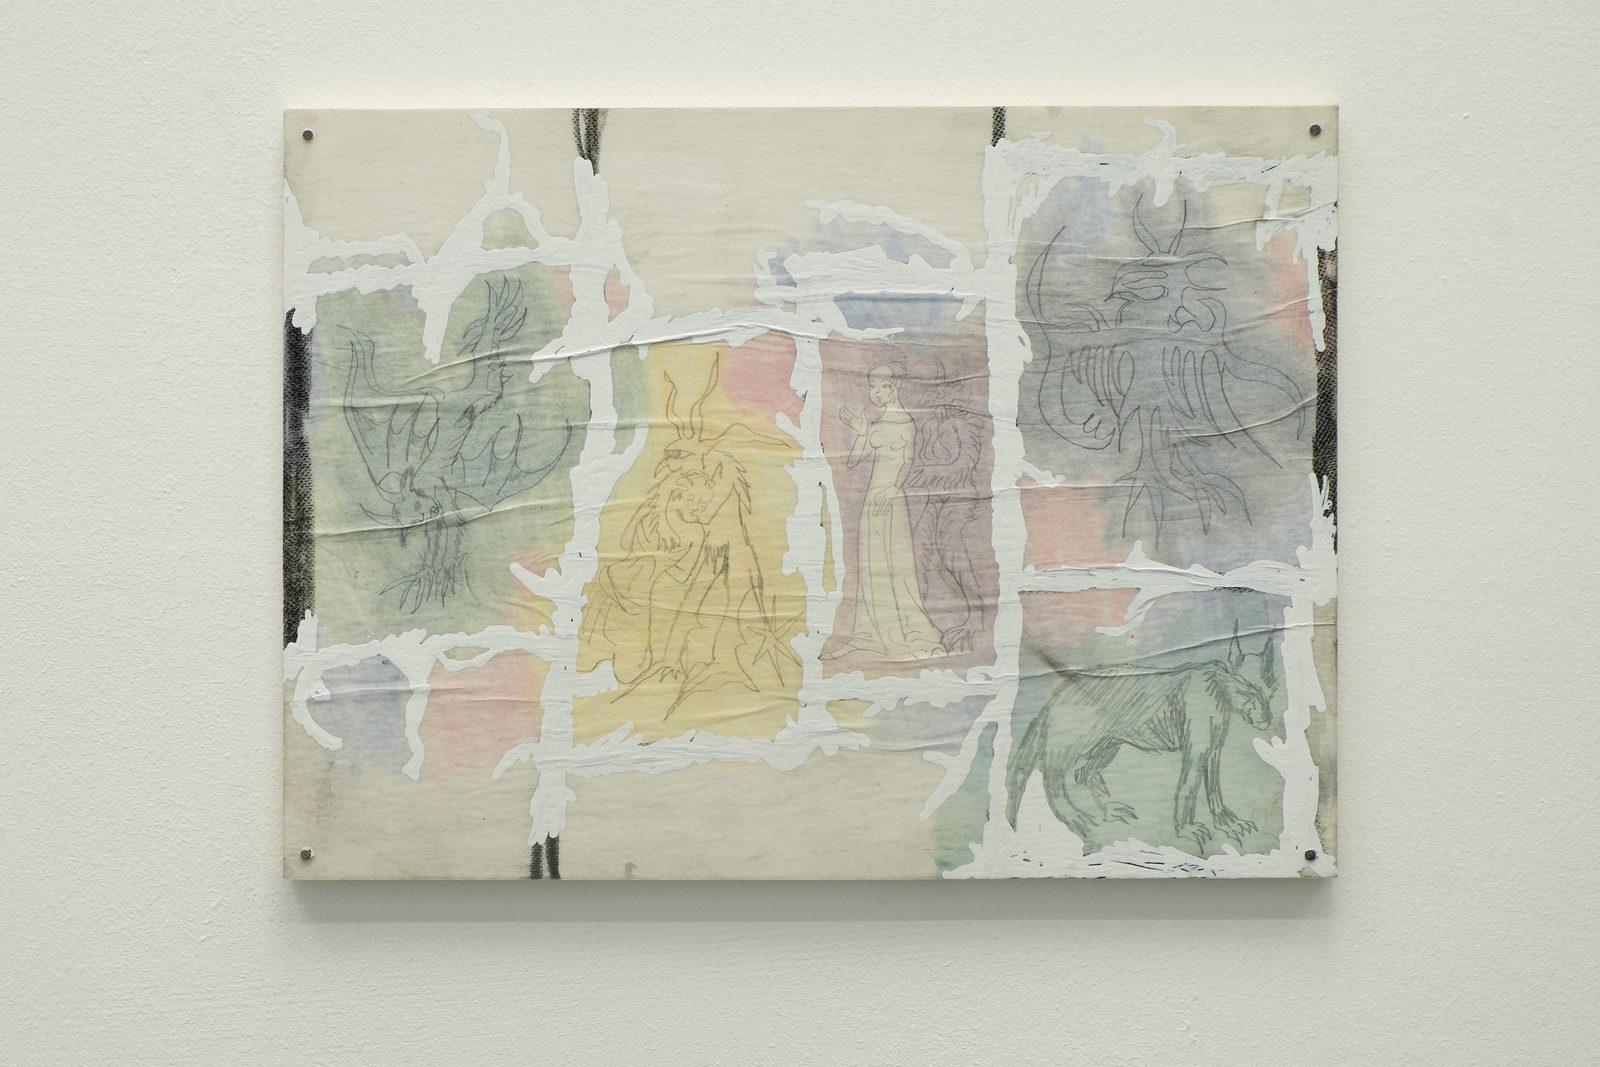 9_Aleksander Hardashnakov_Untitled_ICHTS_2016_Dortmunder Kunstverein_Foto Niklas Taleb